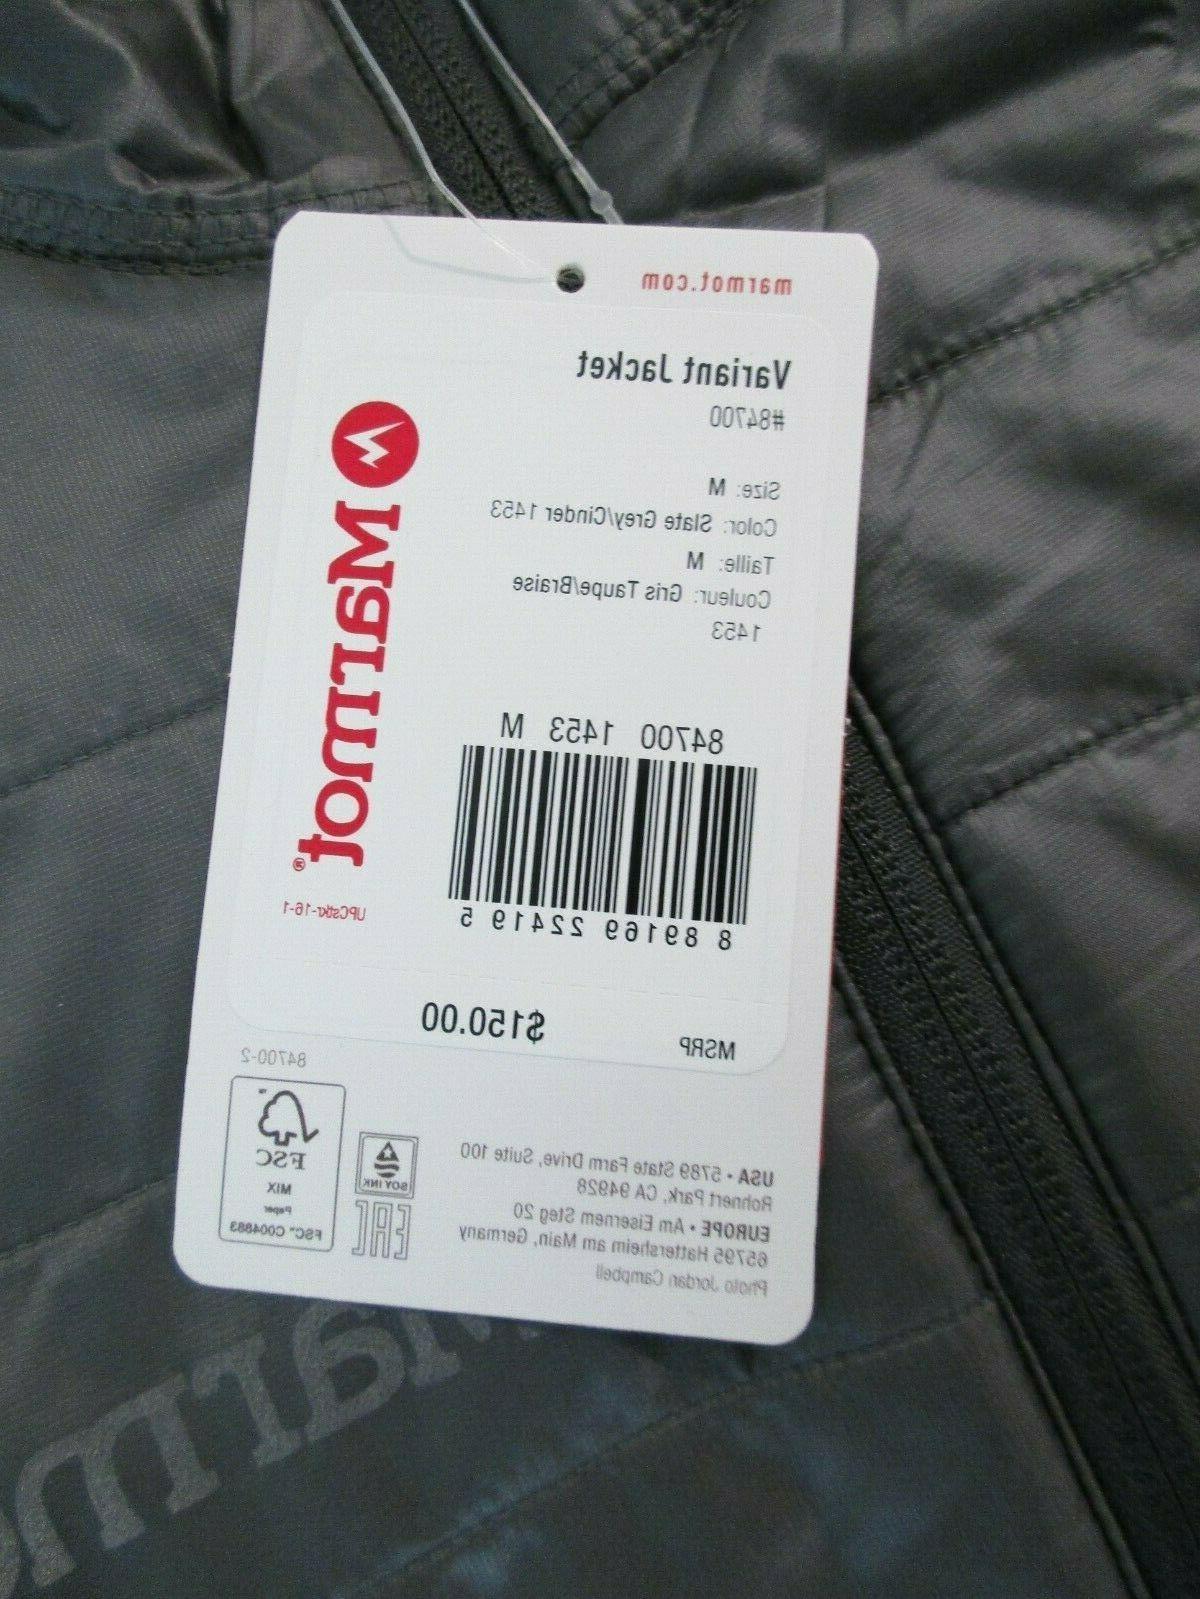 Marmot Variant ~ Jackets Coat 1453